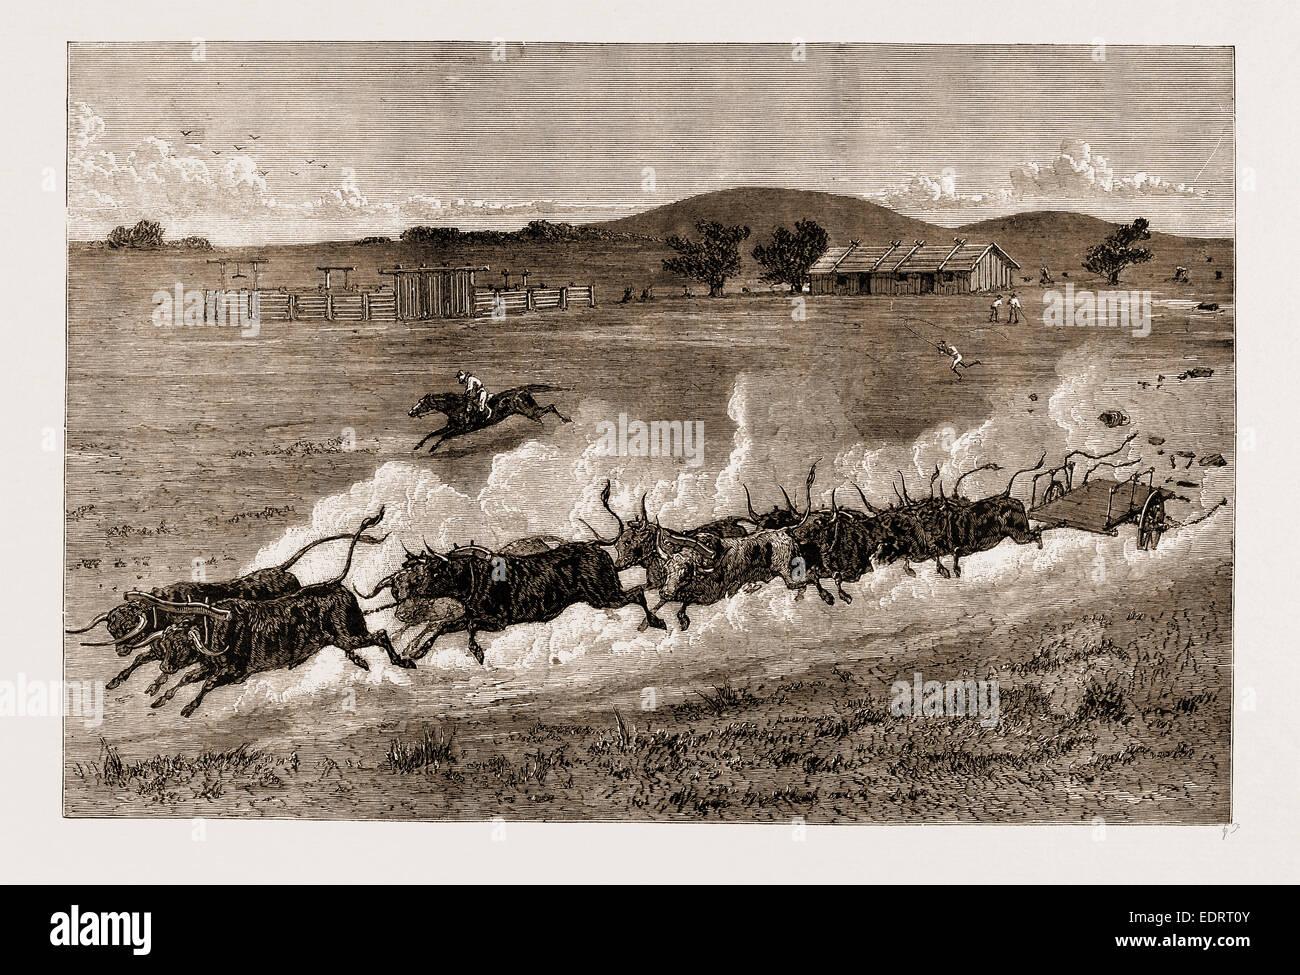 Un giovenco di RUNAWAY TEAM, Nuovo Galles del Sud, Australia, 1883 Immagini Stock